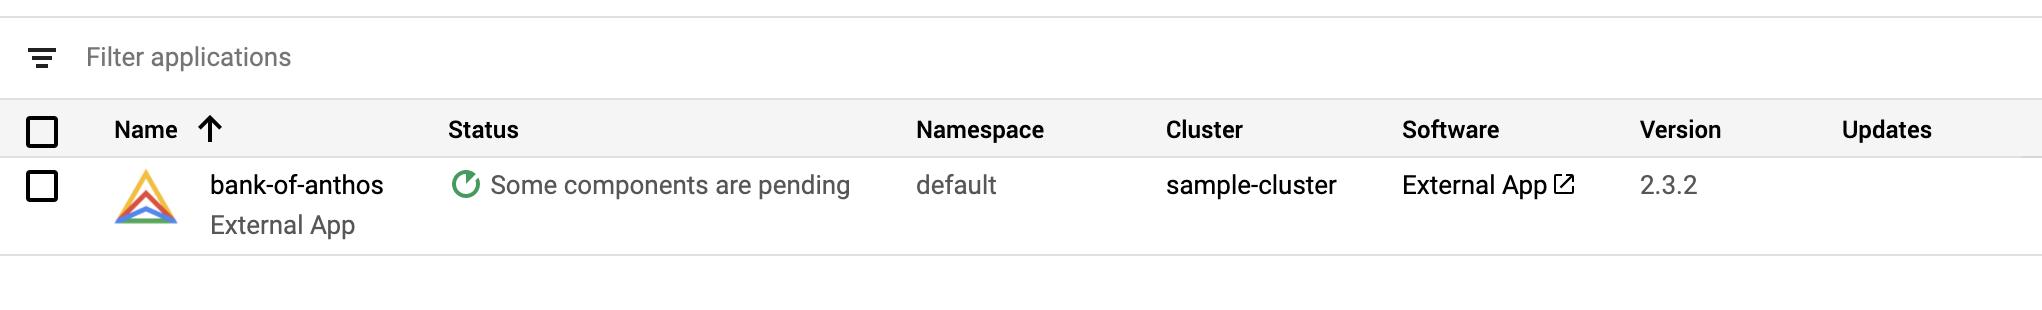 Neben dem Anwendungsnamen wird in der Liste der Anwendungen ein Logo angezeigt.